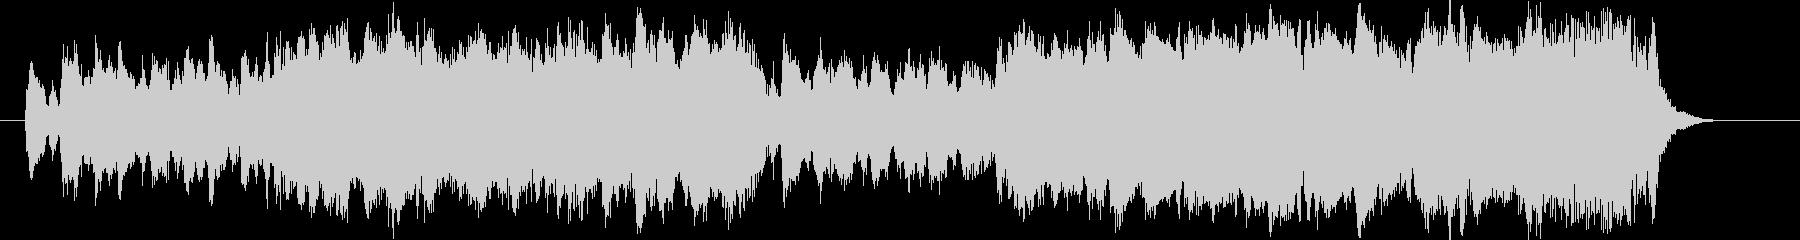 明るく新鮮で瑞々しいオーケストラの曲の未再生の波形